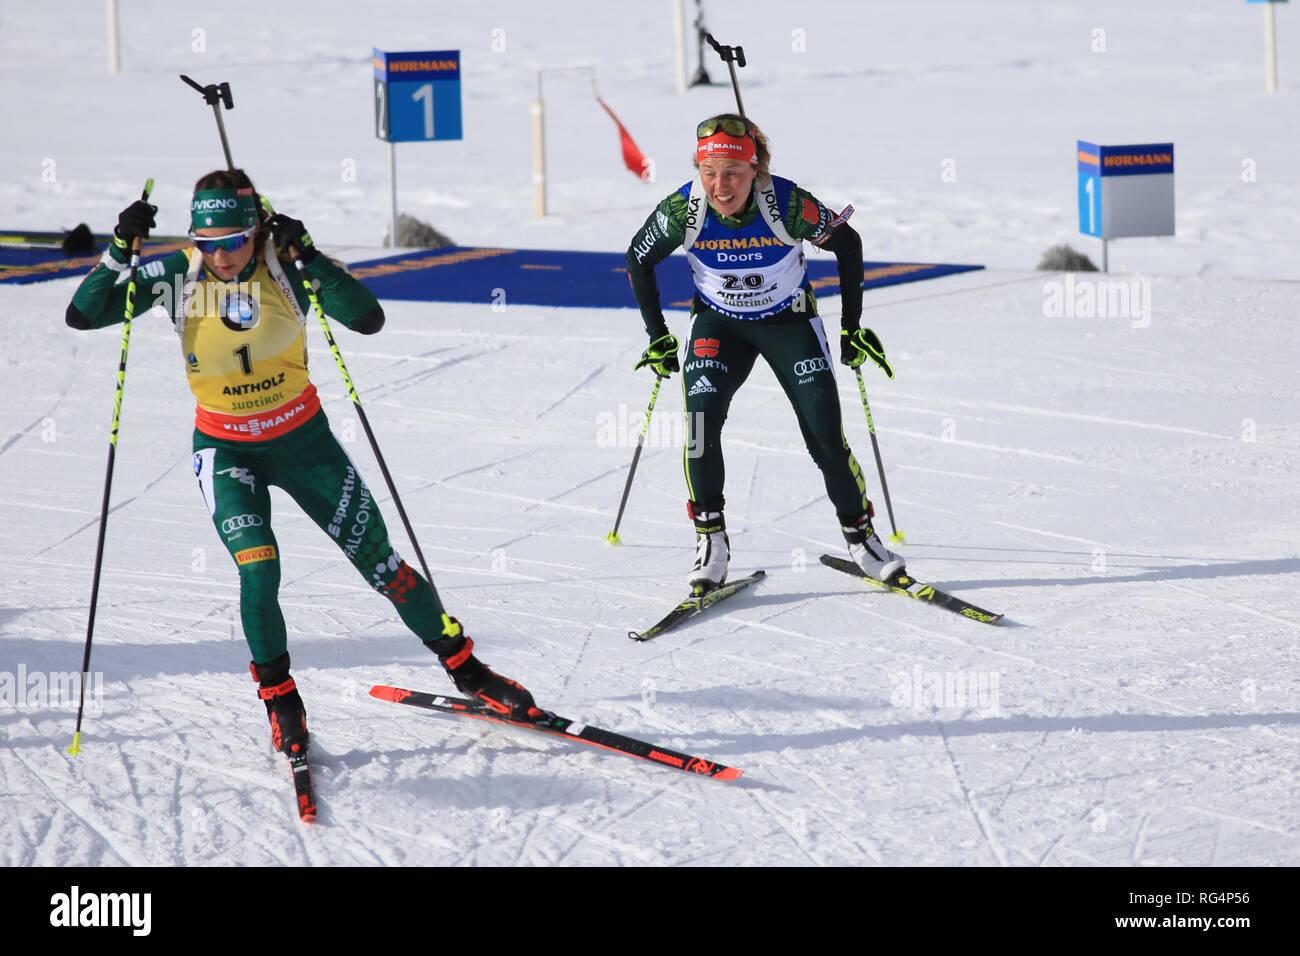 Antholz Antholz, Italien. 27 Jan, 2019. BMW Biathlon Weltcup, Massenstart der Frauen; Dorothea Wierer (ITA) und Laura Dahlmeier (GER) Credit: Aktion plus Sport/Alamy leben Nachrichten Stockbild